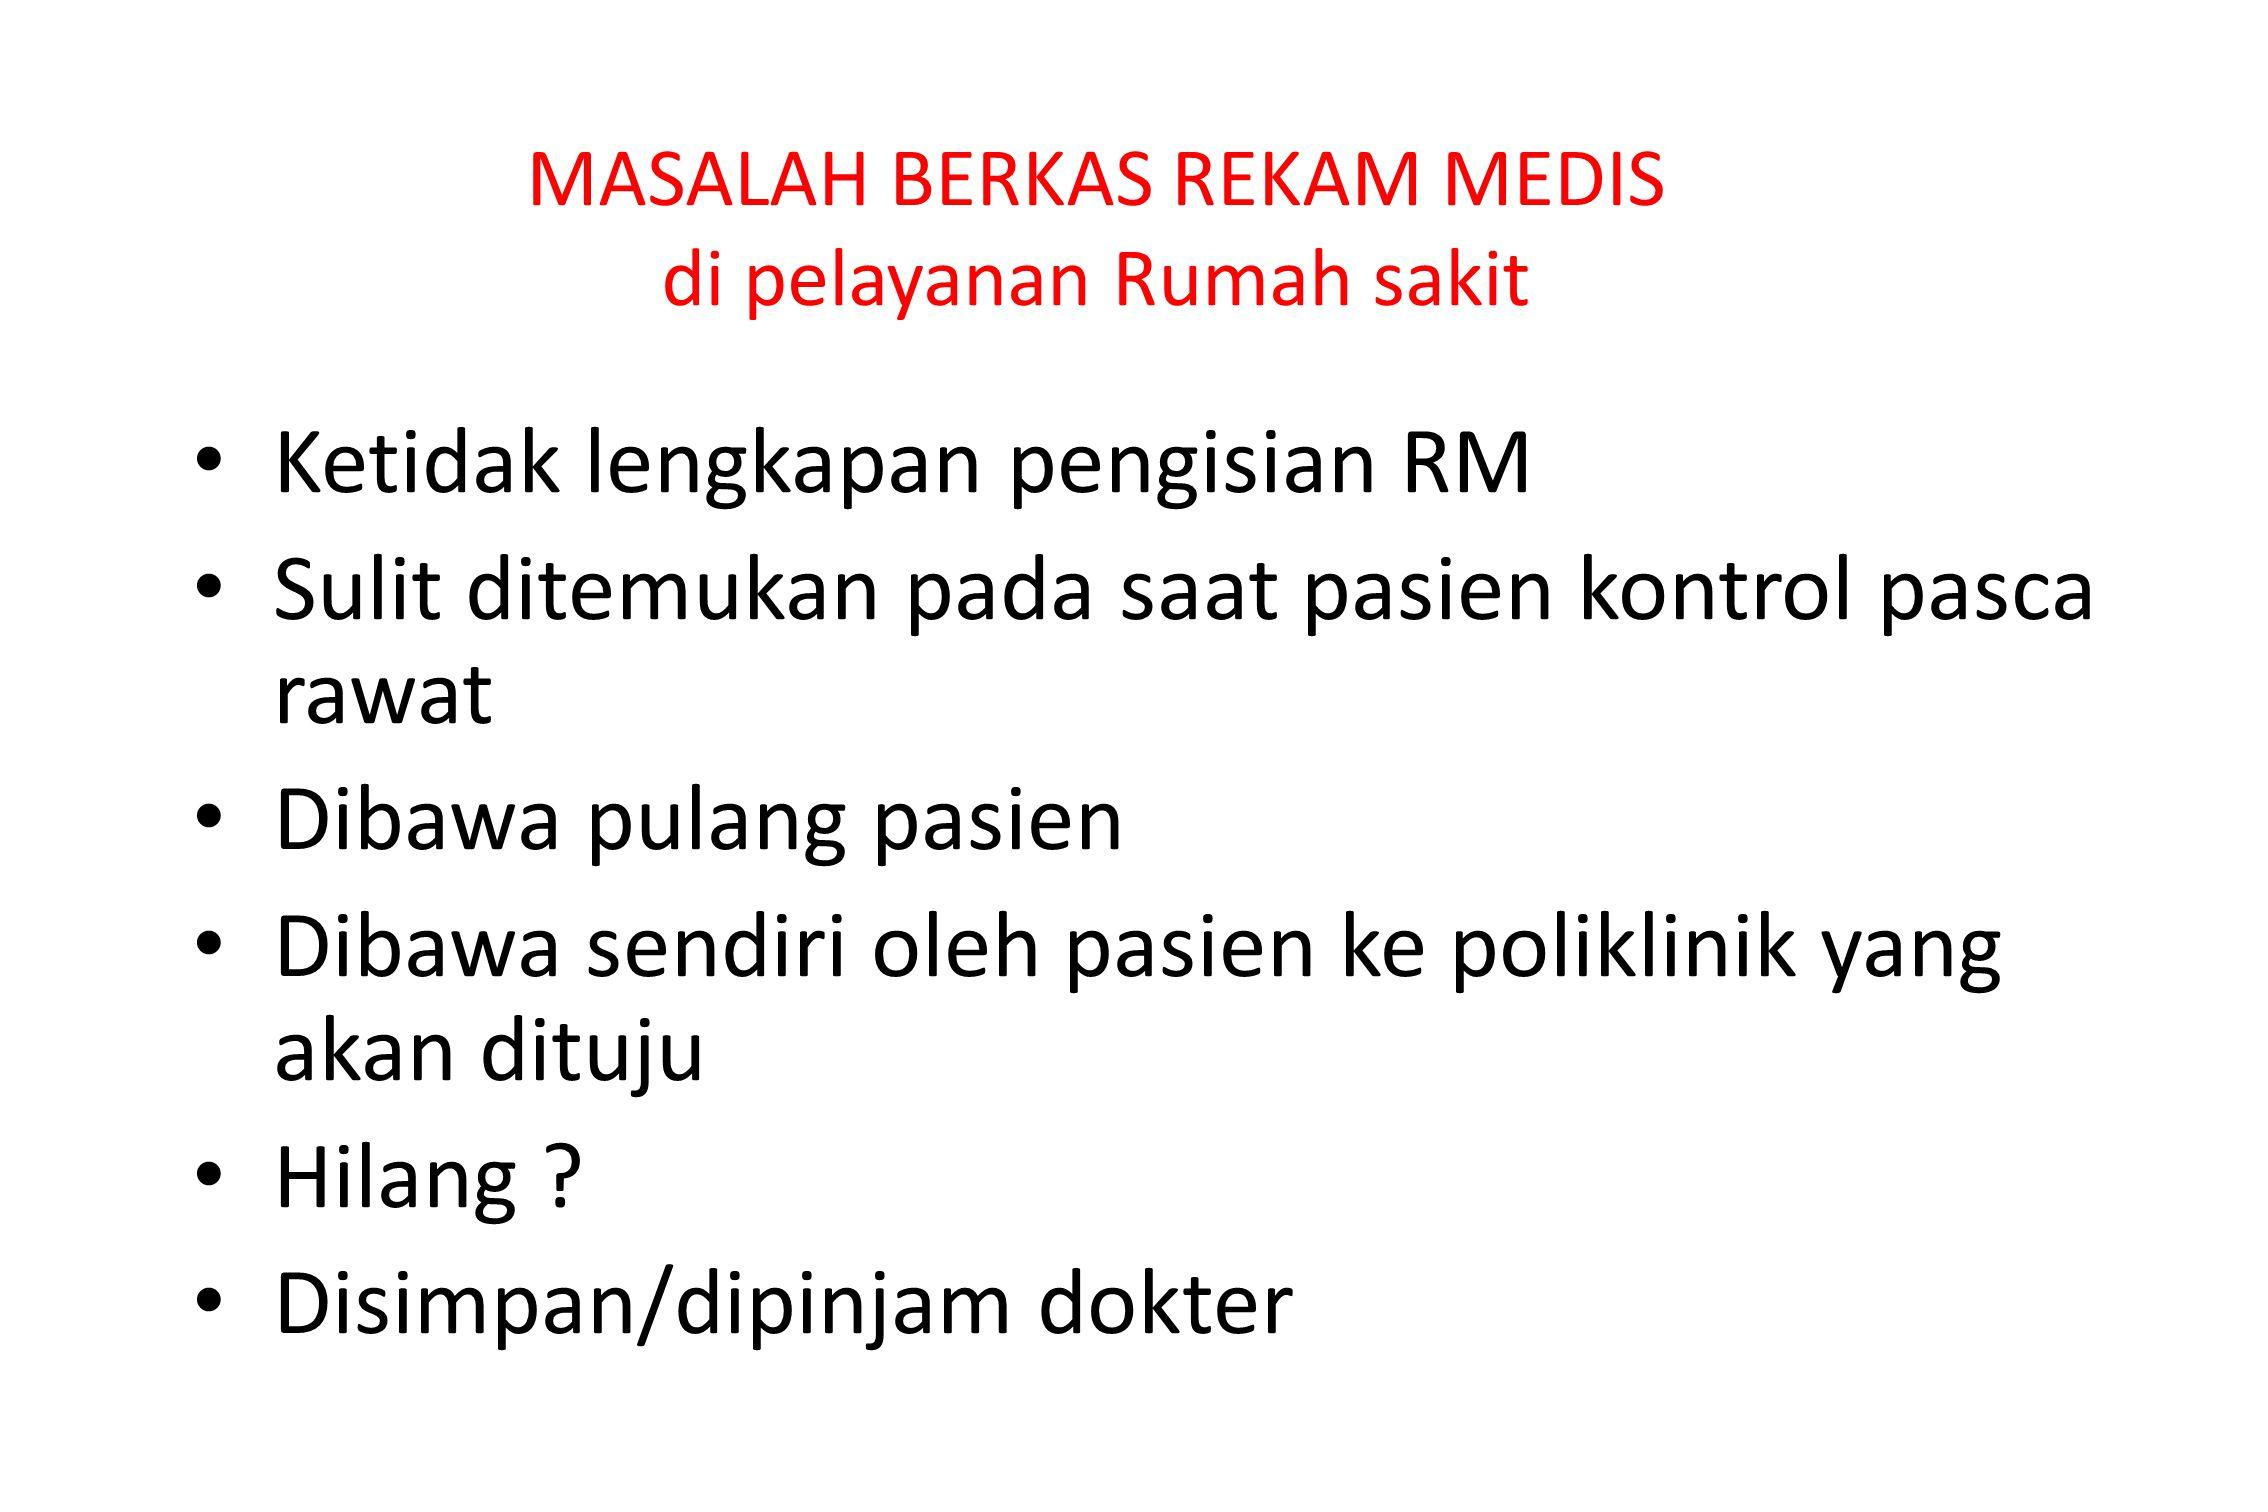 MASALAH BERKAS REKAM MEDIS di pelayanan Rumah sakit Ketidak lengkapan pengisian RM Sulit ditemukan pada saat pasien kontrol pasca rawat Dibawa pulang